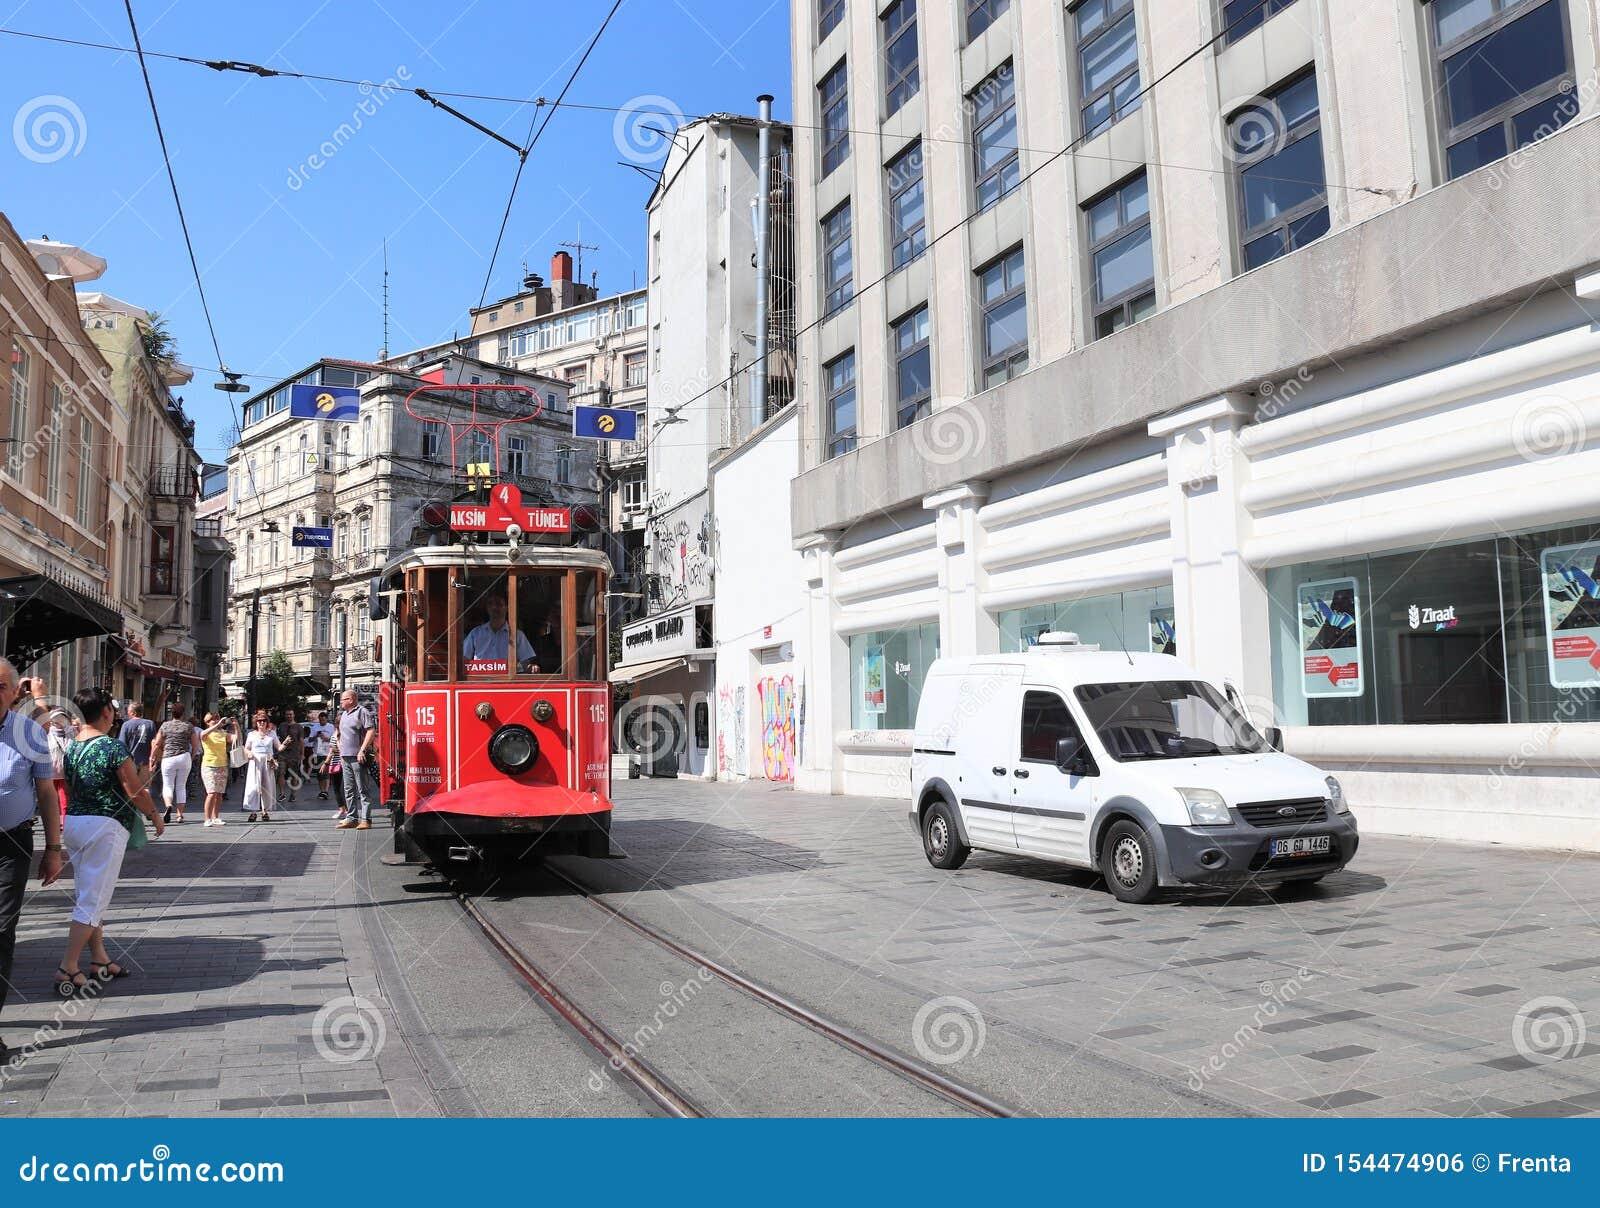 ΙΣΤΑΝΜΠΟΎΛ, ΤΟΥΡΚΙΑ - 7 ΙΟΥΝΊΟΥ 2019: Αναδρομικό κόκκινο τραμ taksim-Tunel στην οδό Istiklal